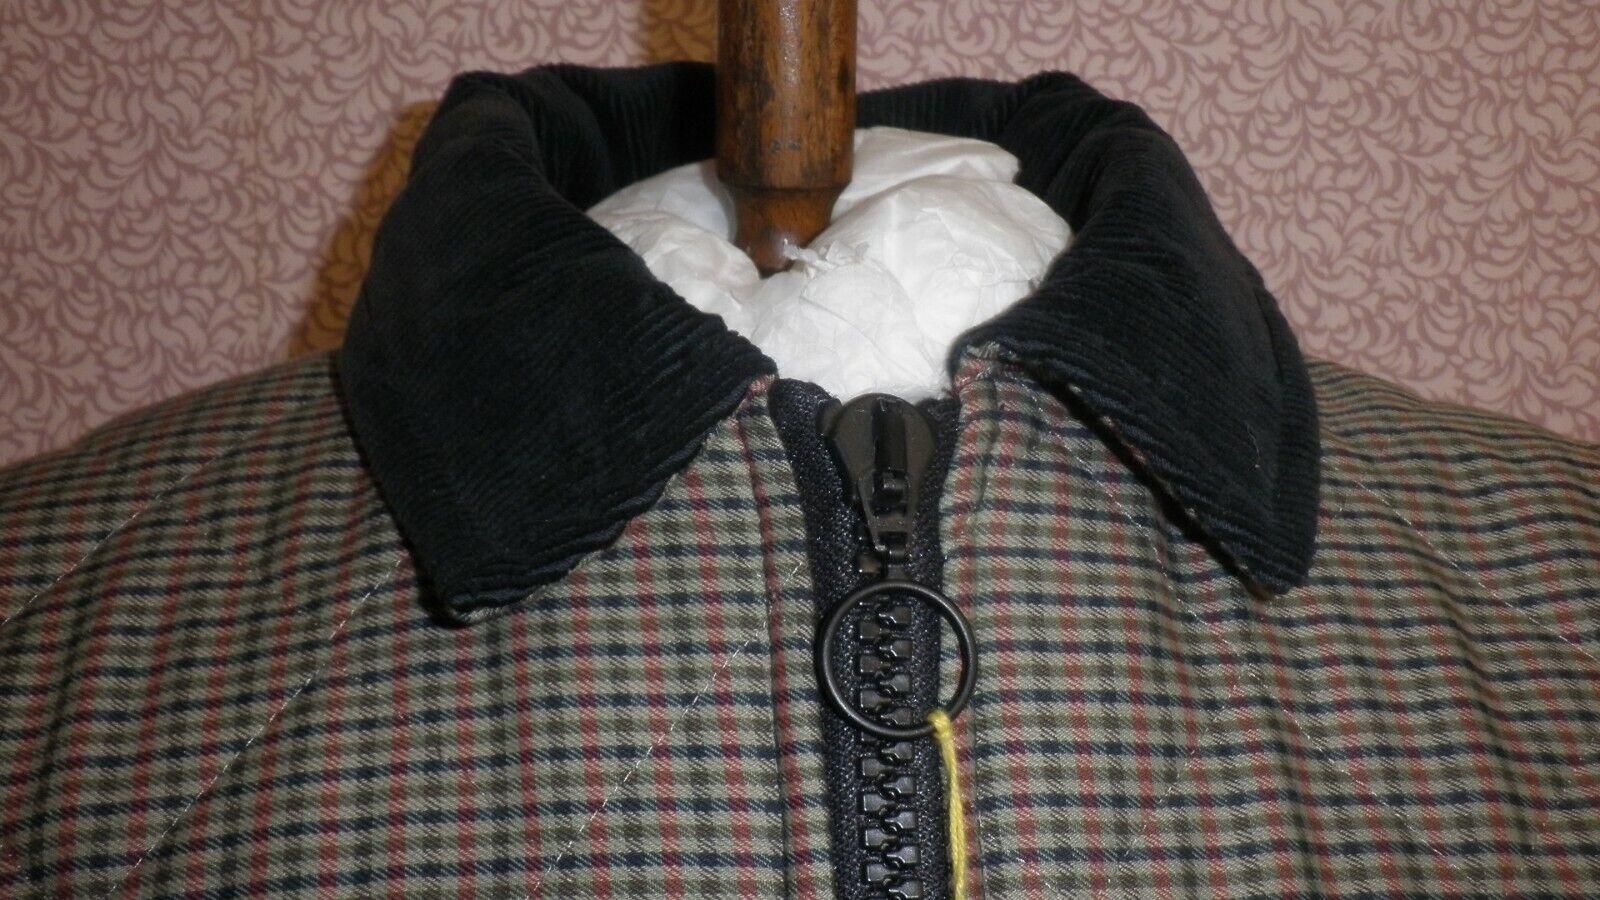 Puffa Imbottito Cappotto Invernale Invernale Invernale Check Misura Da Uomo Piccolo  RRP .95 ora .00  bba474